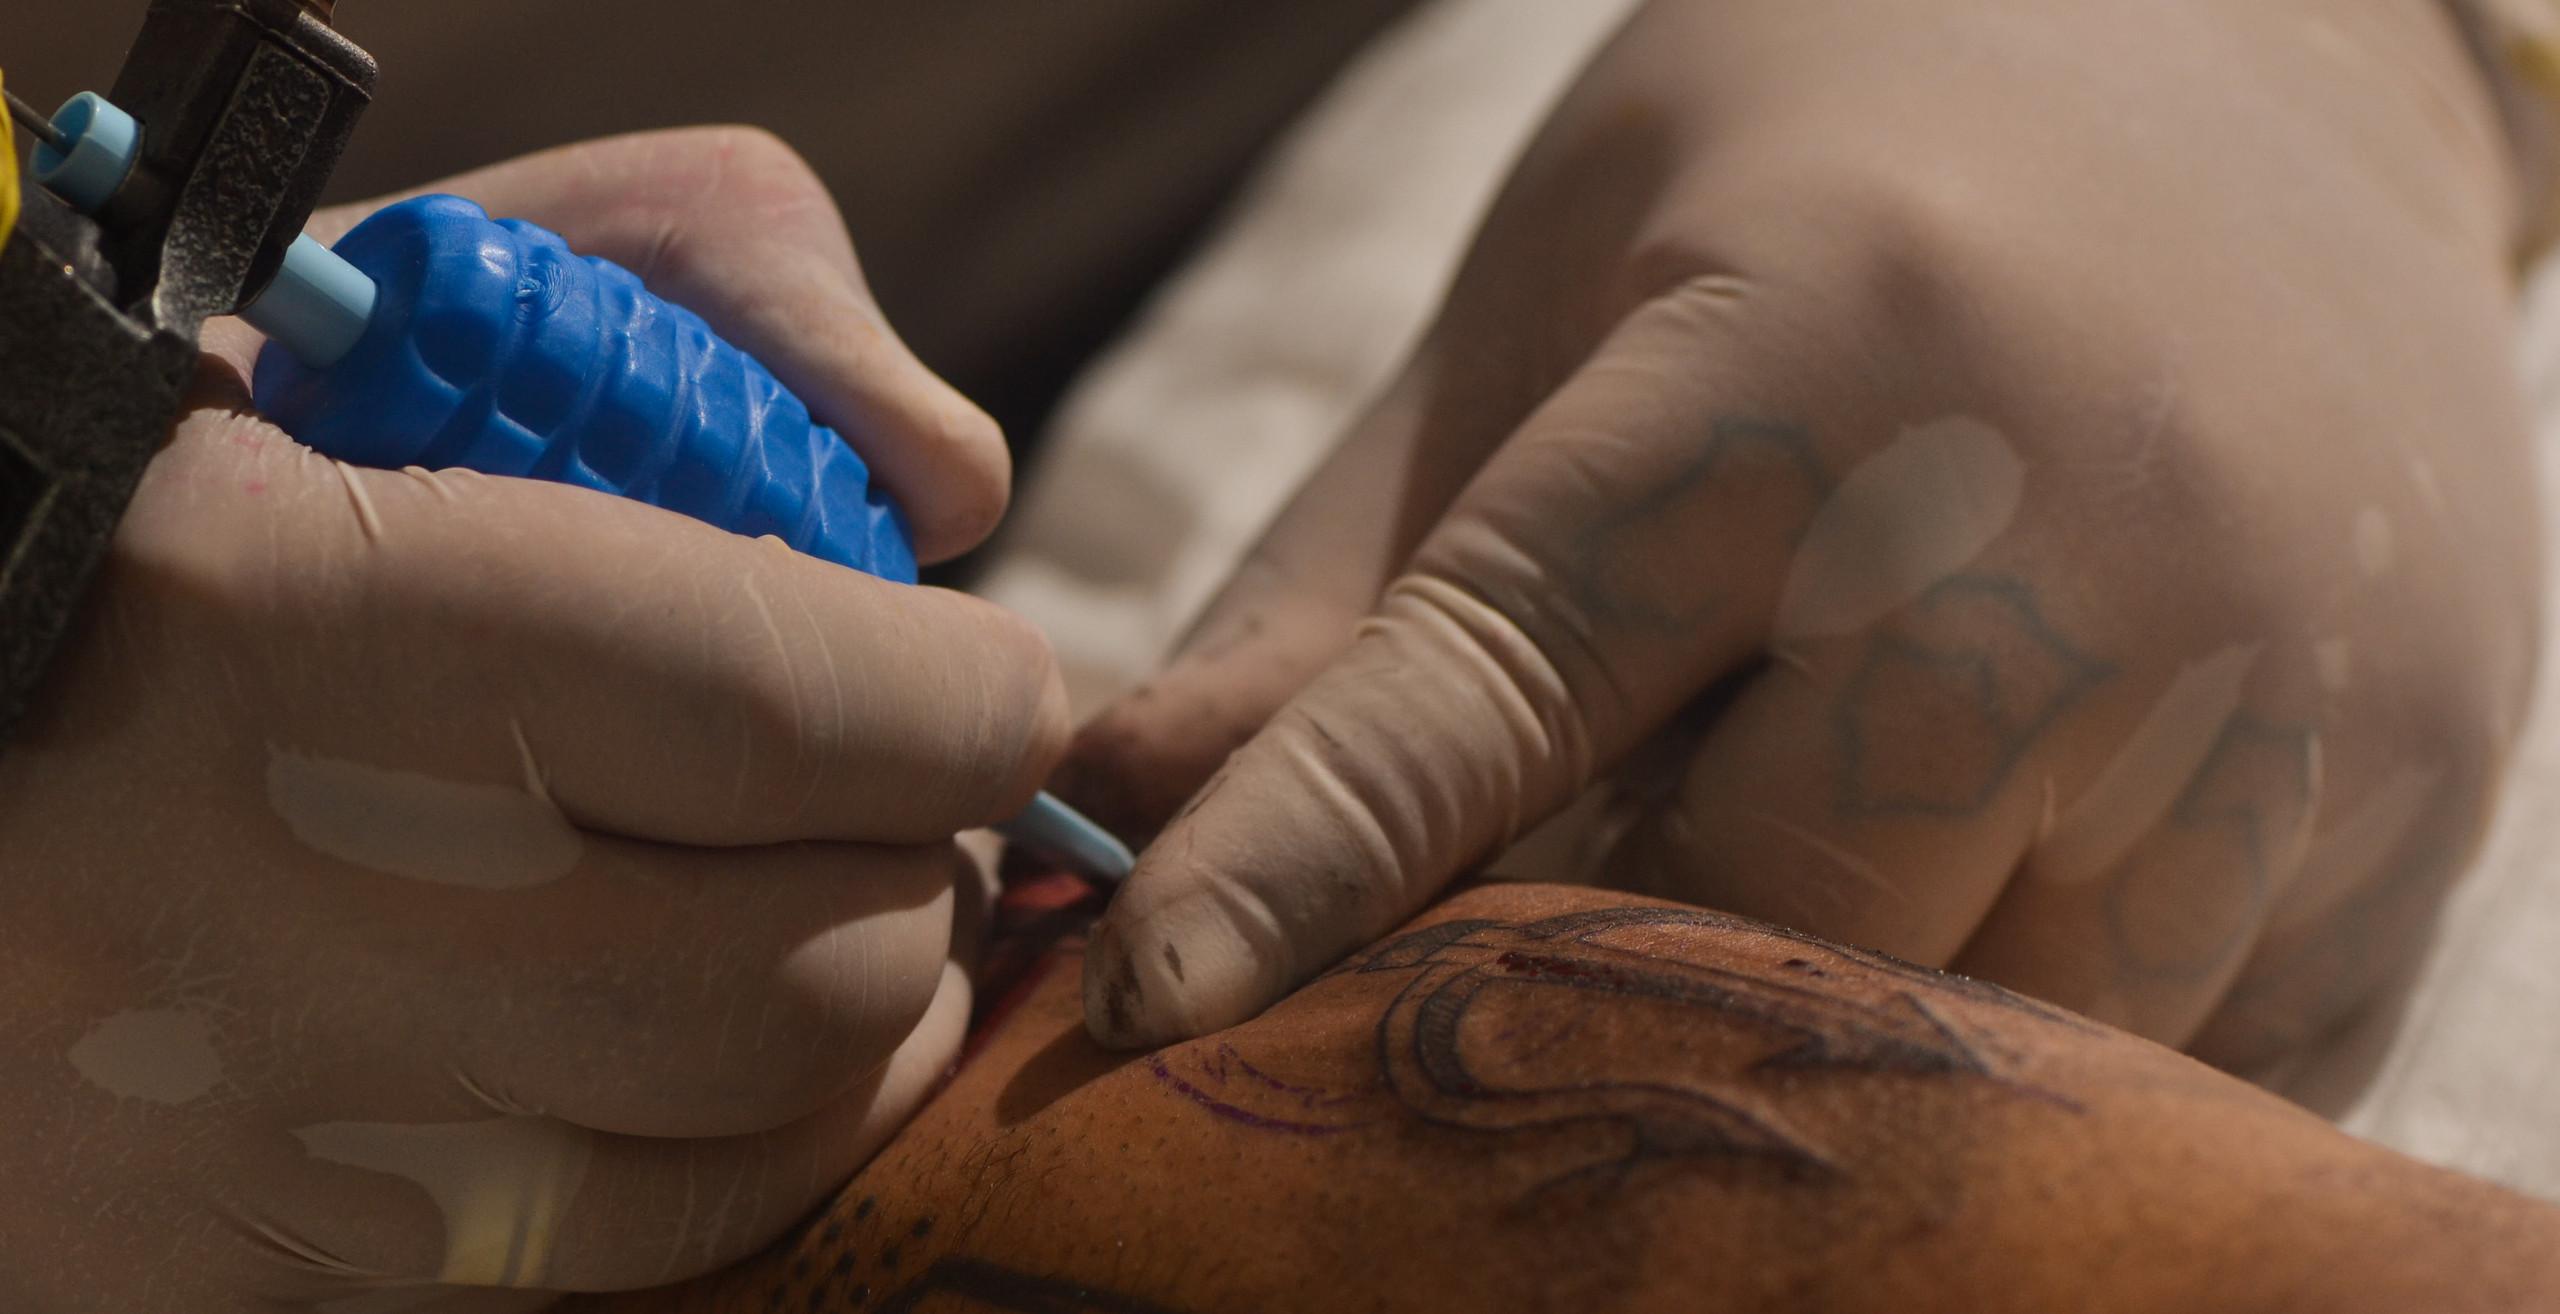 Detalhe da máquina de tatuagem. Foto: Estevão Barbosa